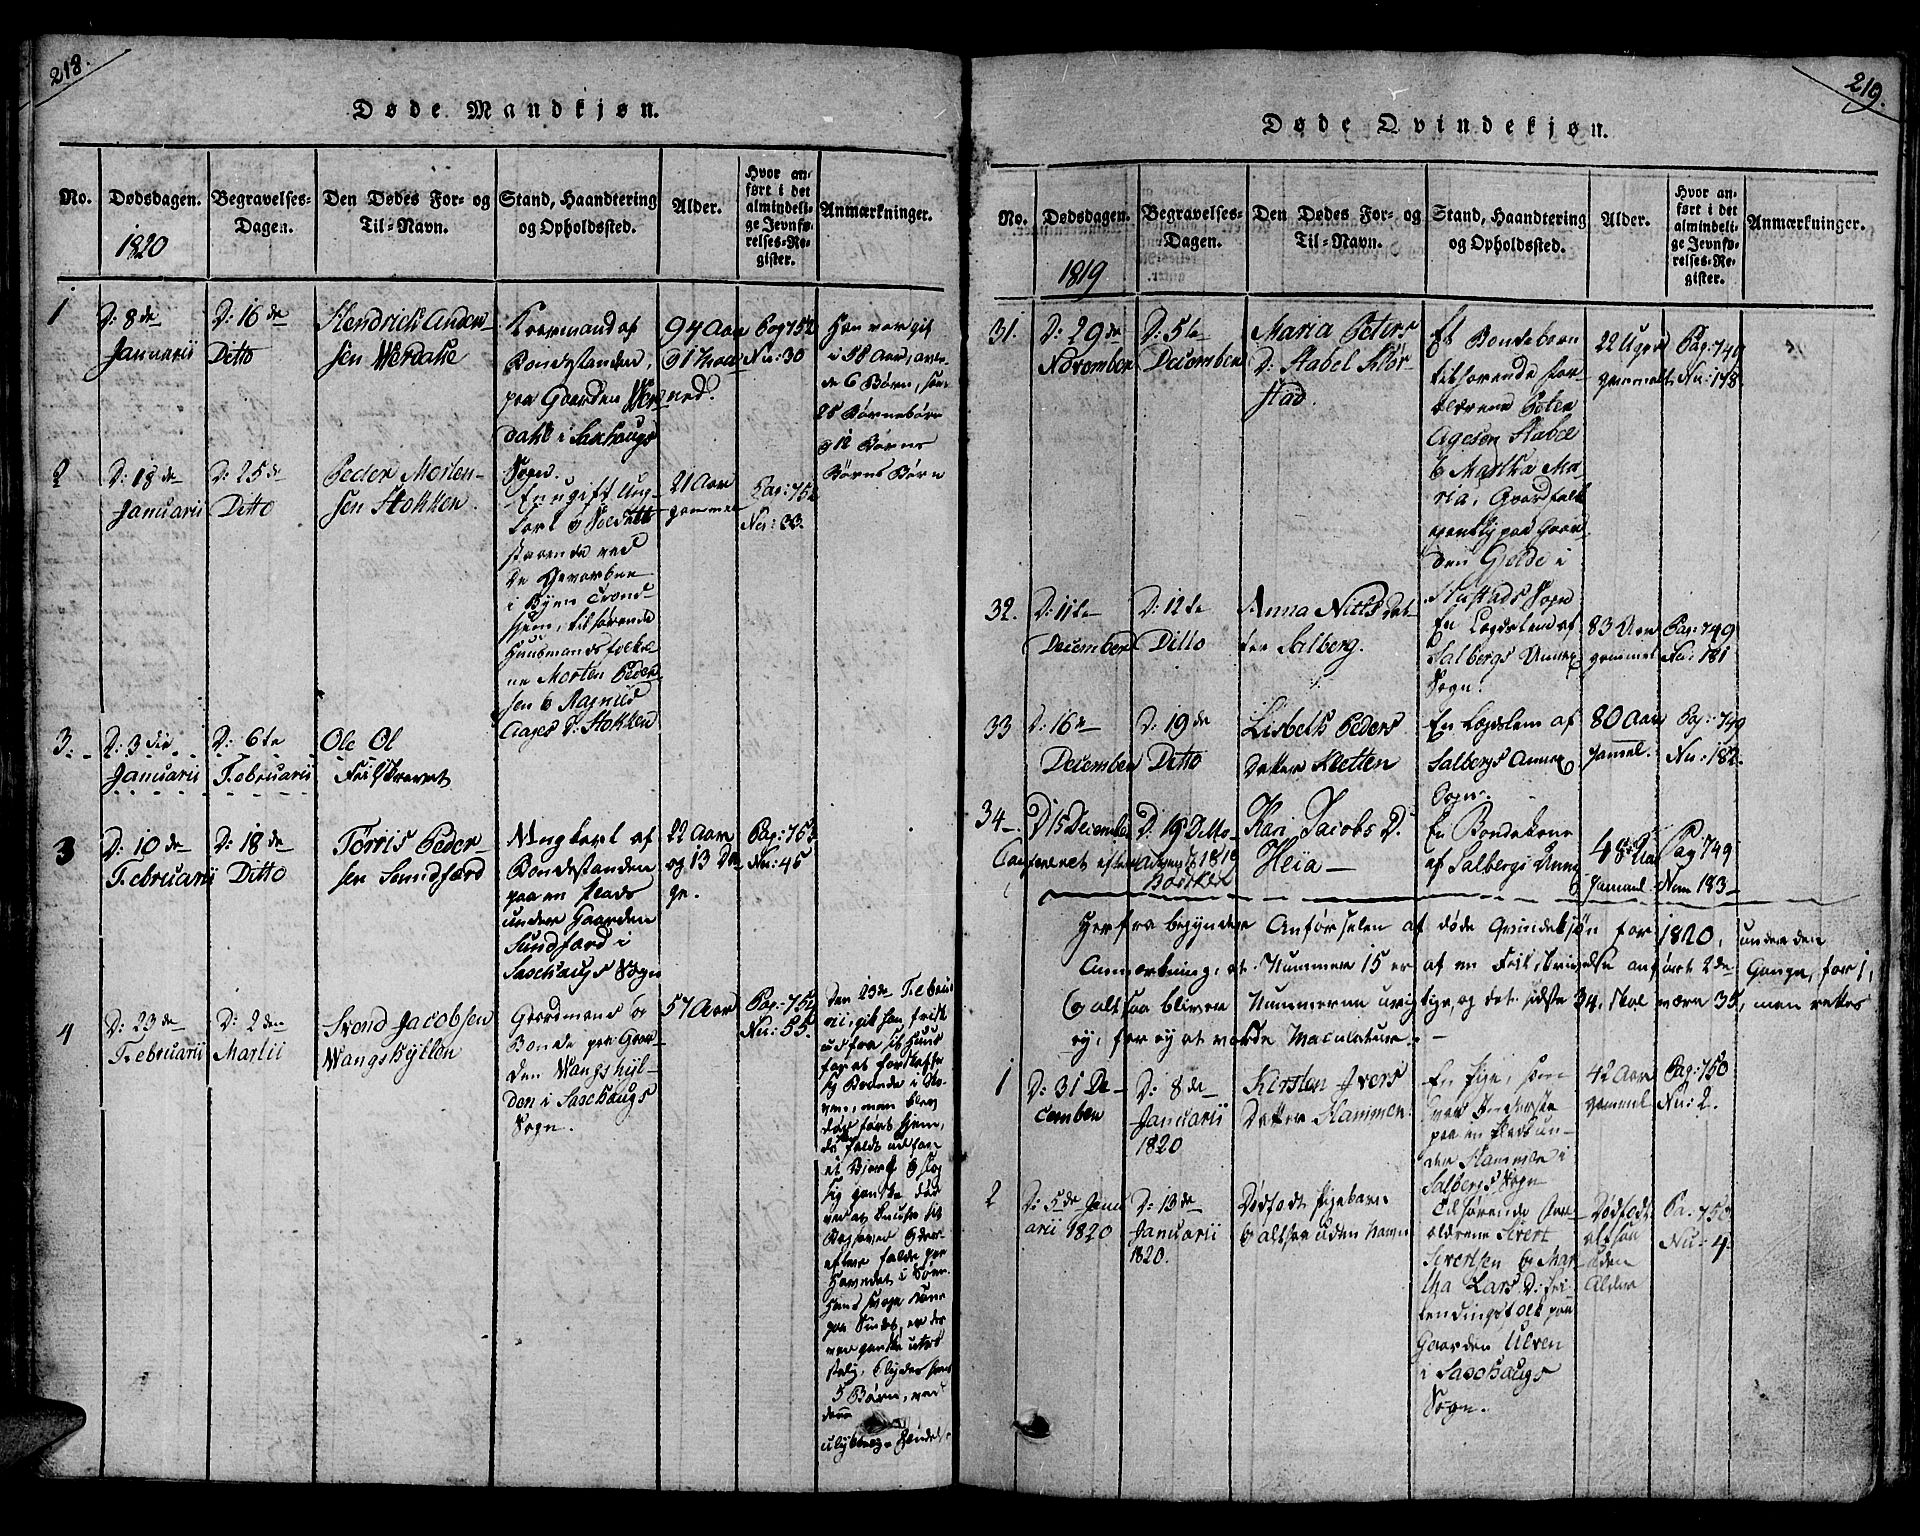 SAT, Ministerialprotokoller, klokkerbøker og fødselsregistre - Nord-Trøndelag, 730/L0275: Ministerialbok nr. 730A04, 1816-1822, s. 218-219